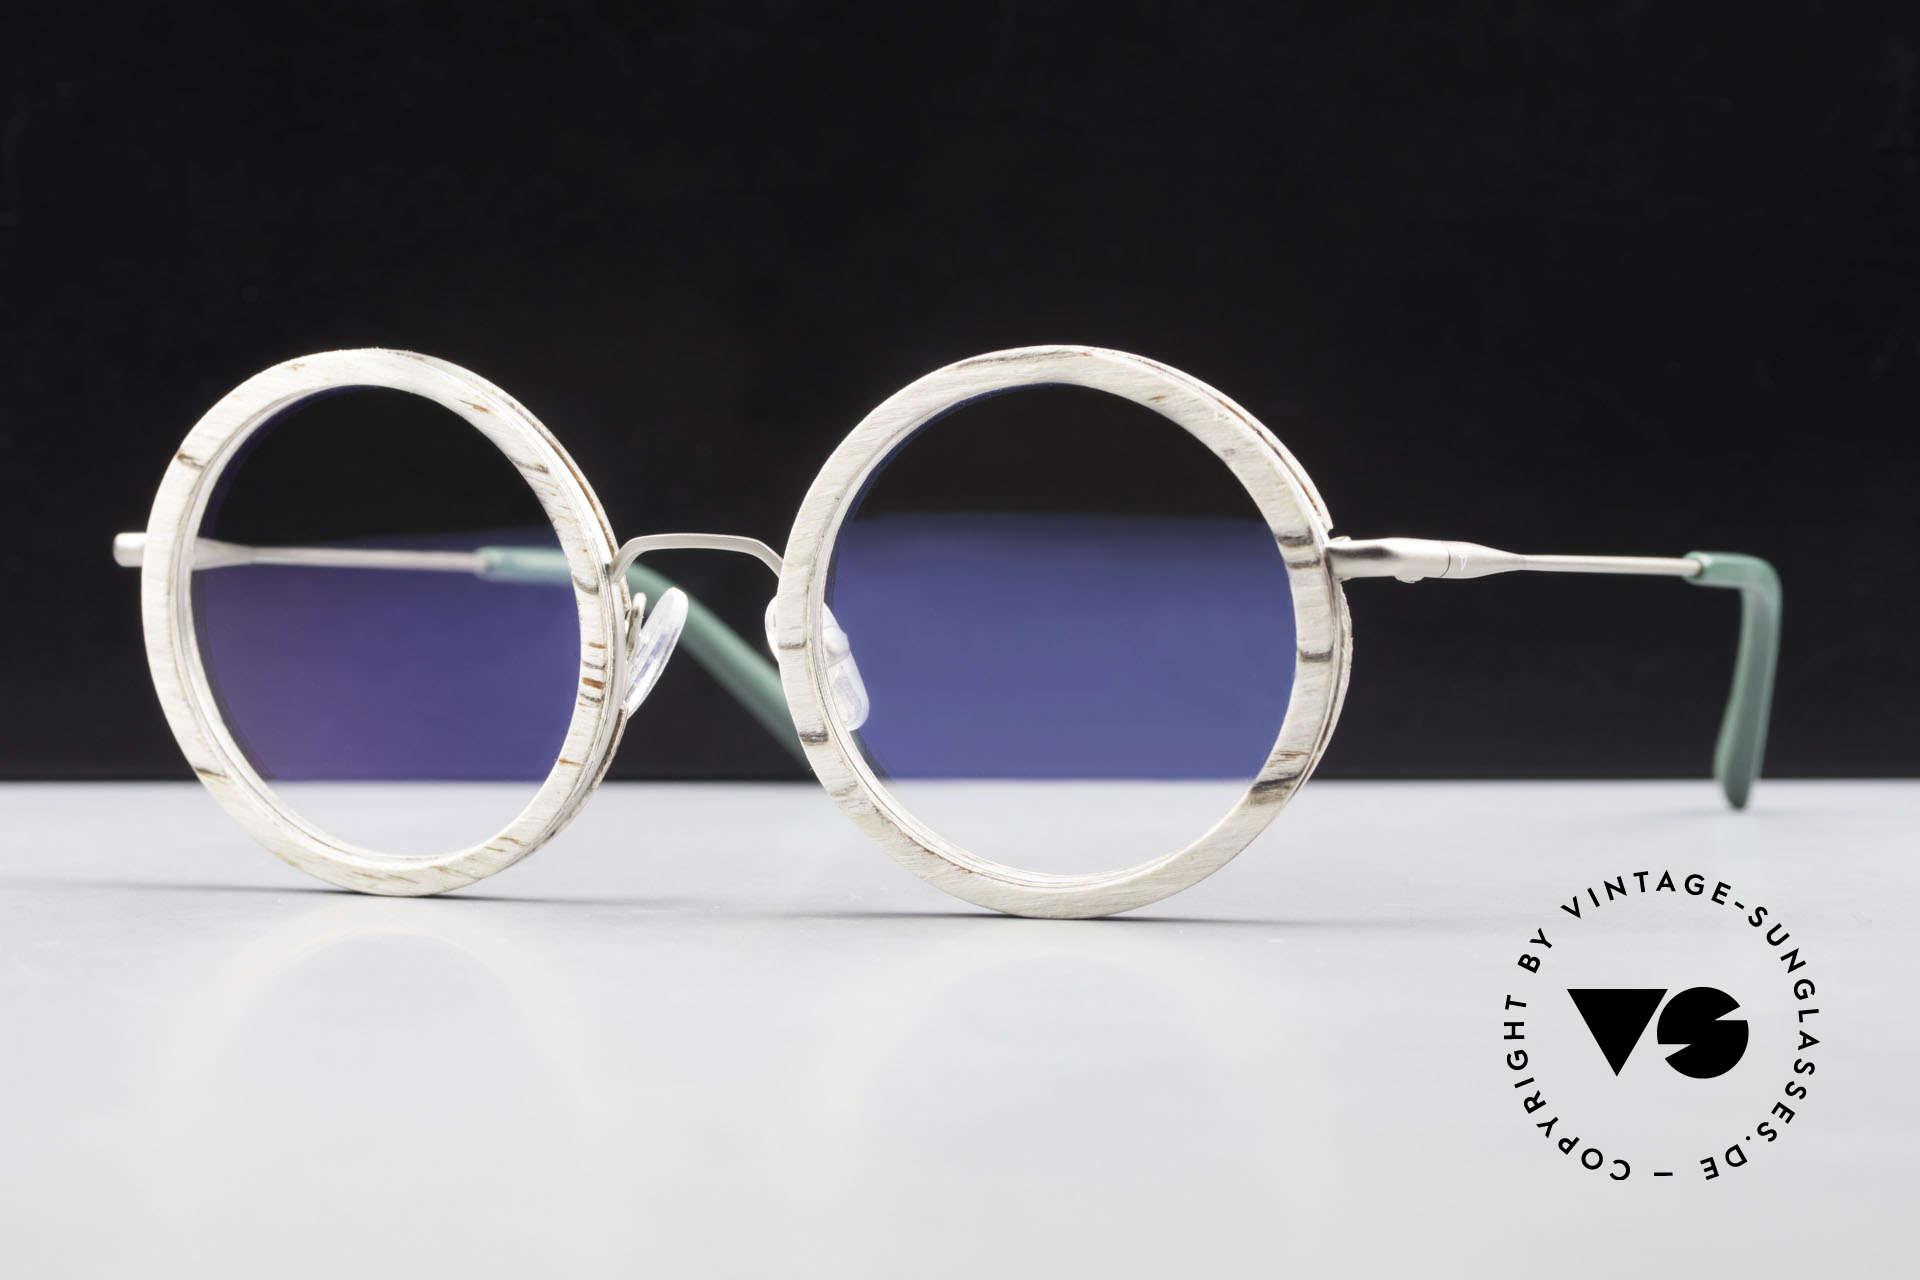 Kerbholz Rudolph Runde Holzbrille Weisse Birke, runde Echt-Holzbrille von Kerbholz, made in Germany, Passend für Herren und Damen